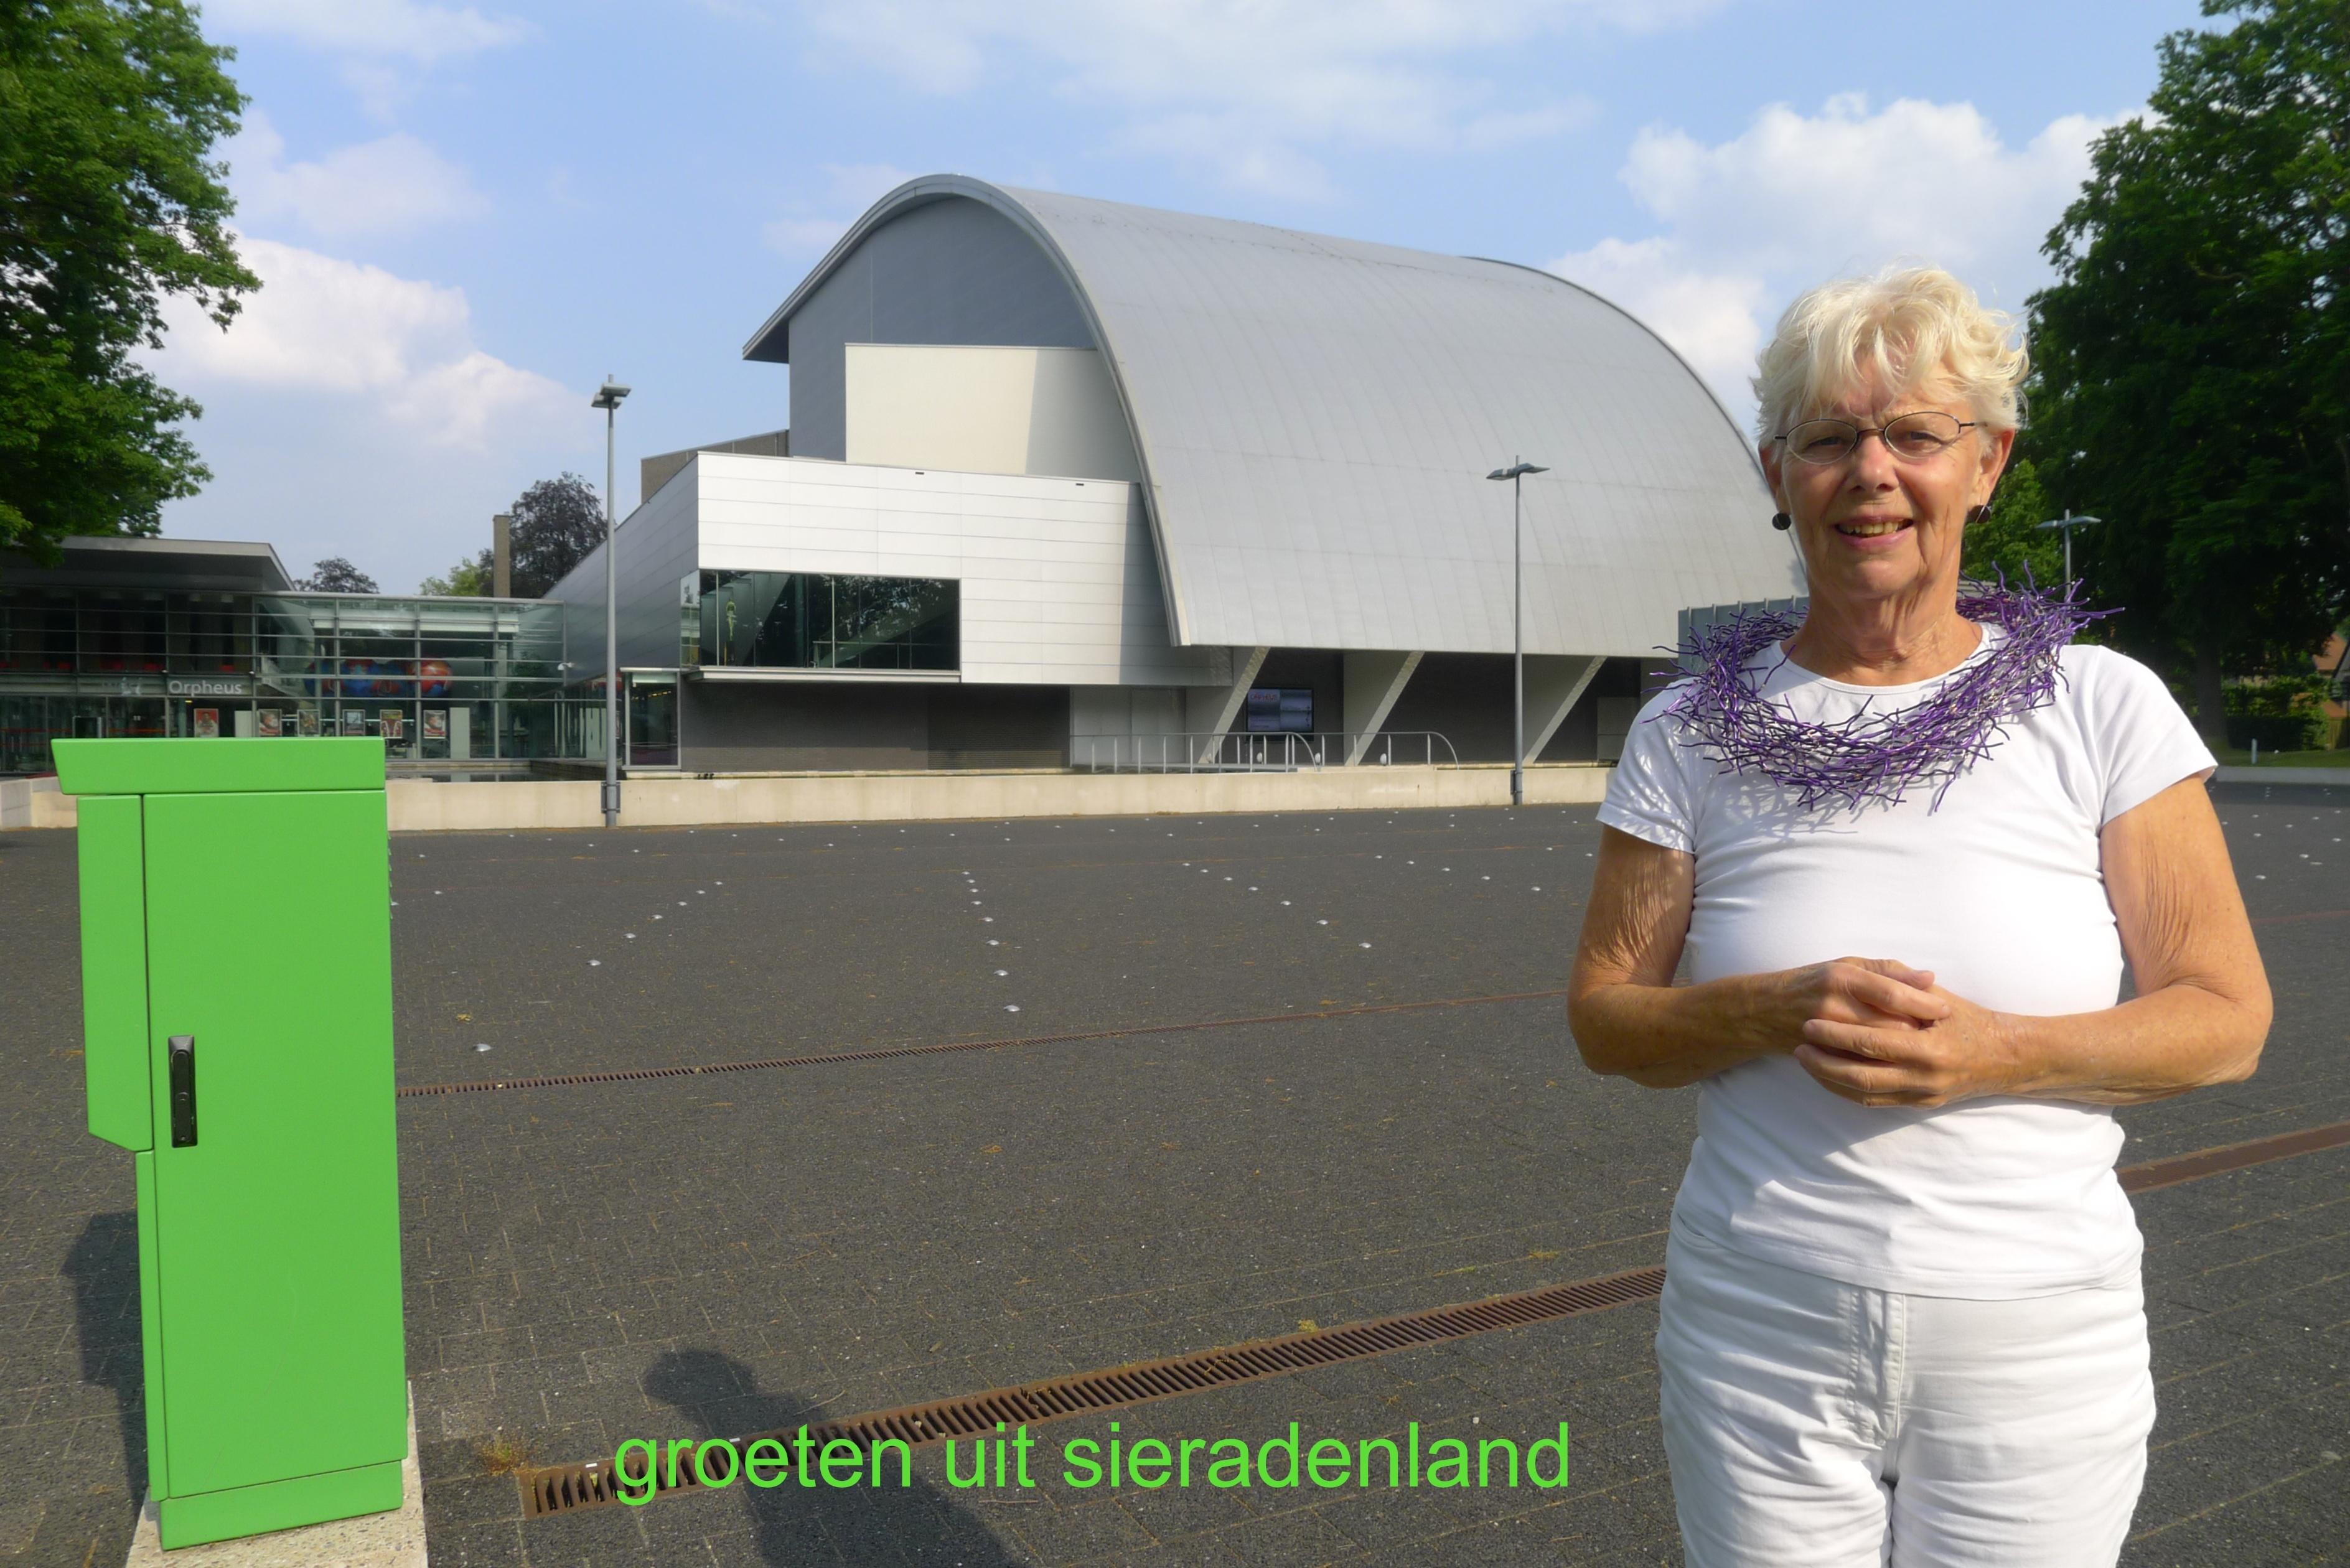 Claartje Keur, Zelfportret met halssieraad van Sita Falkena, Apeldoorn, Orpheus, 11 juni 2013. Foto Claartje Keur